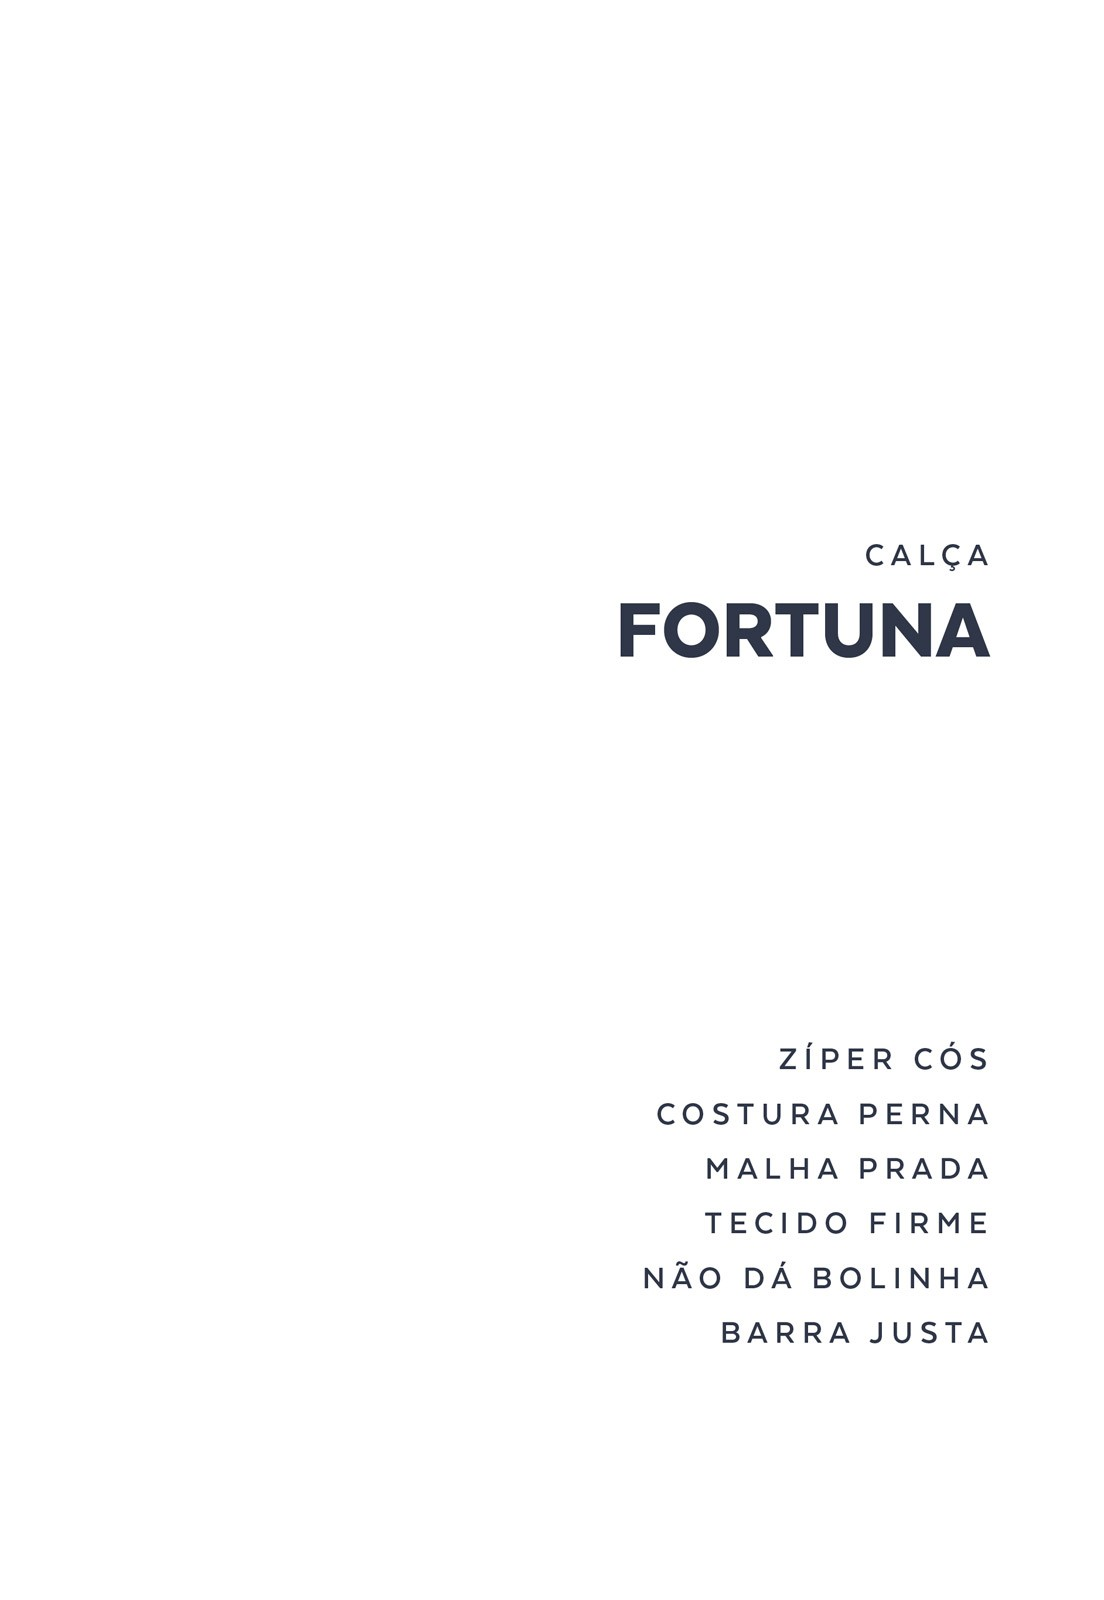 Calça Fortuna